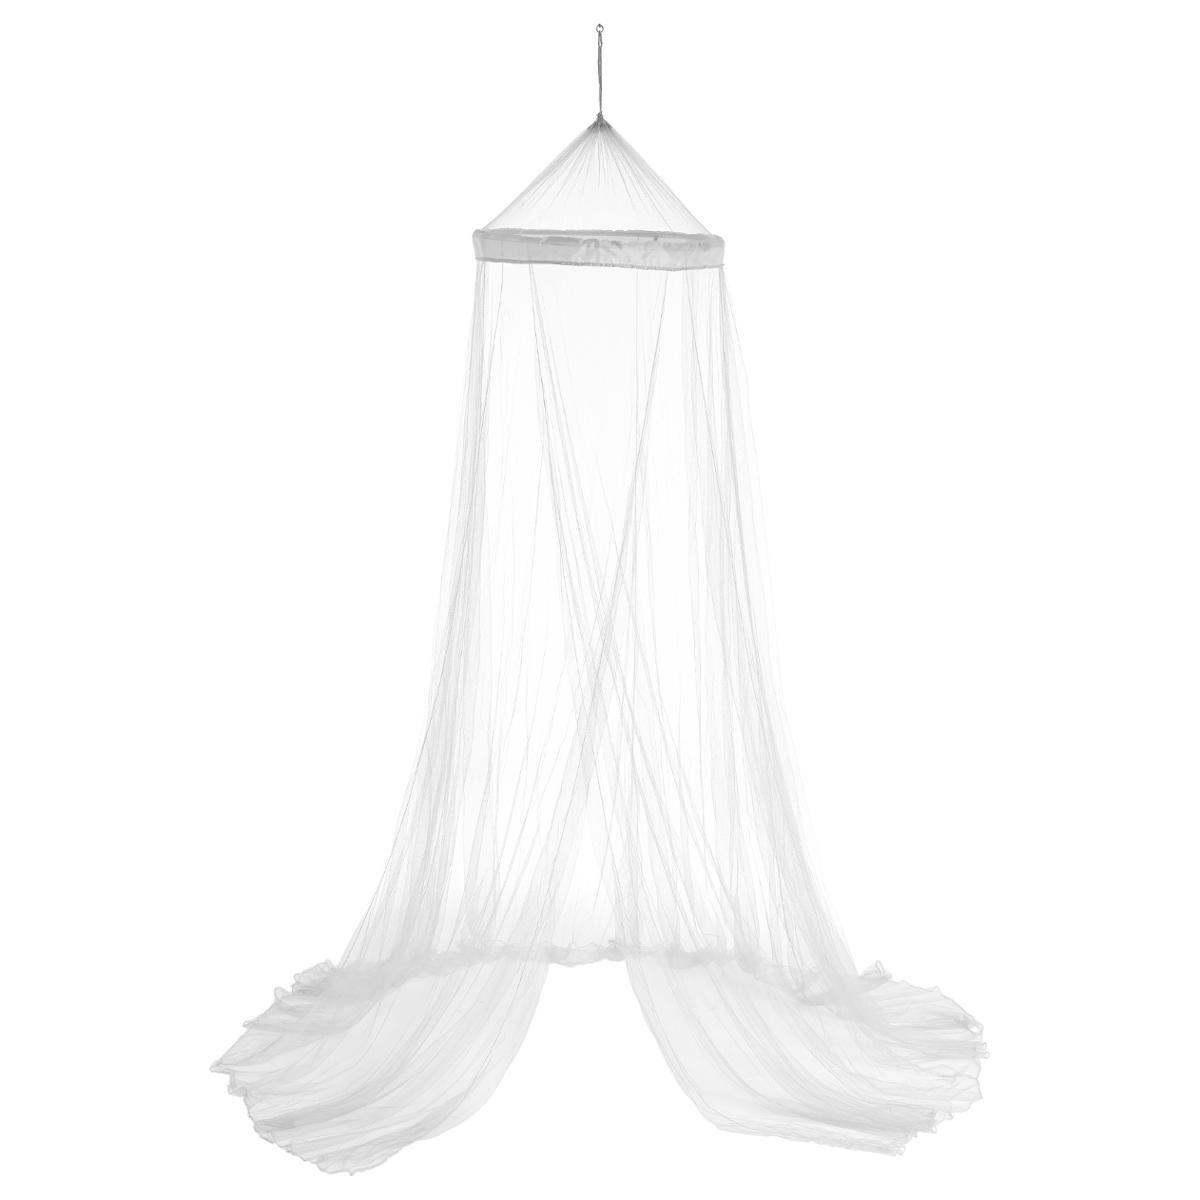 ciel de lit moustiquaire ivoire ciel de lit eminza. Black Bedroom Furniture Sets. Home Design Ideas